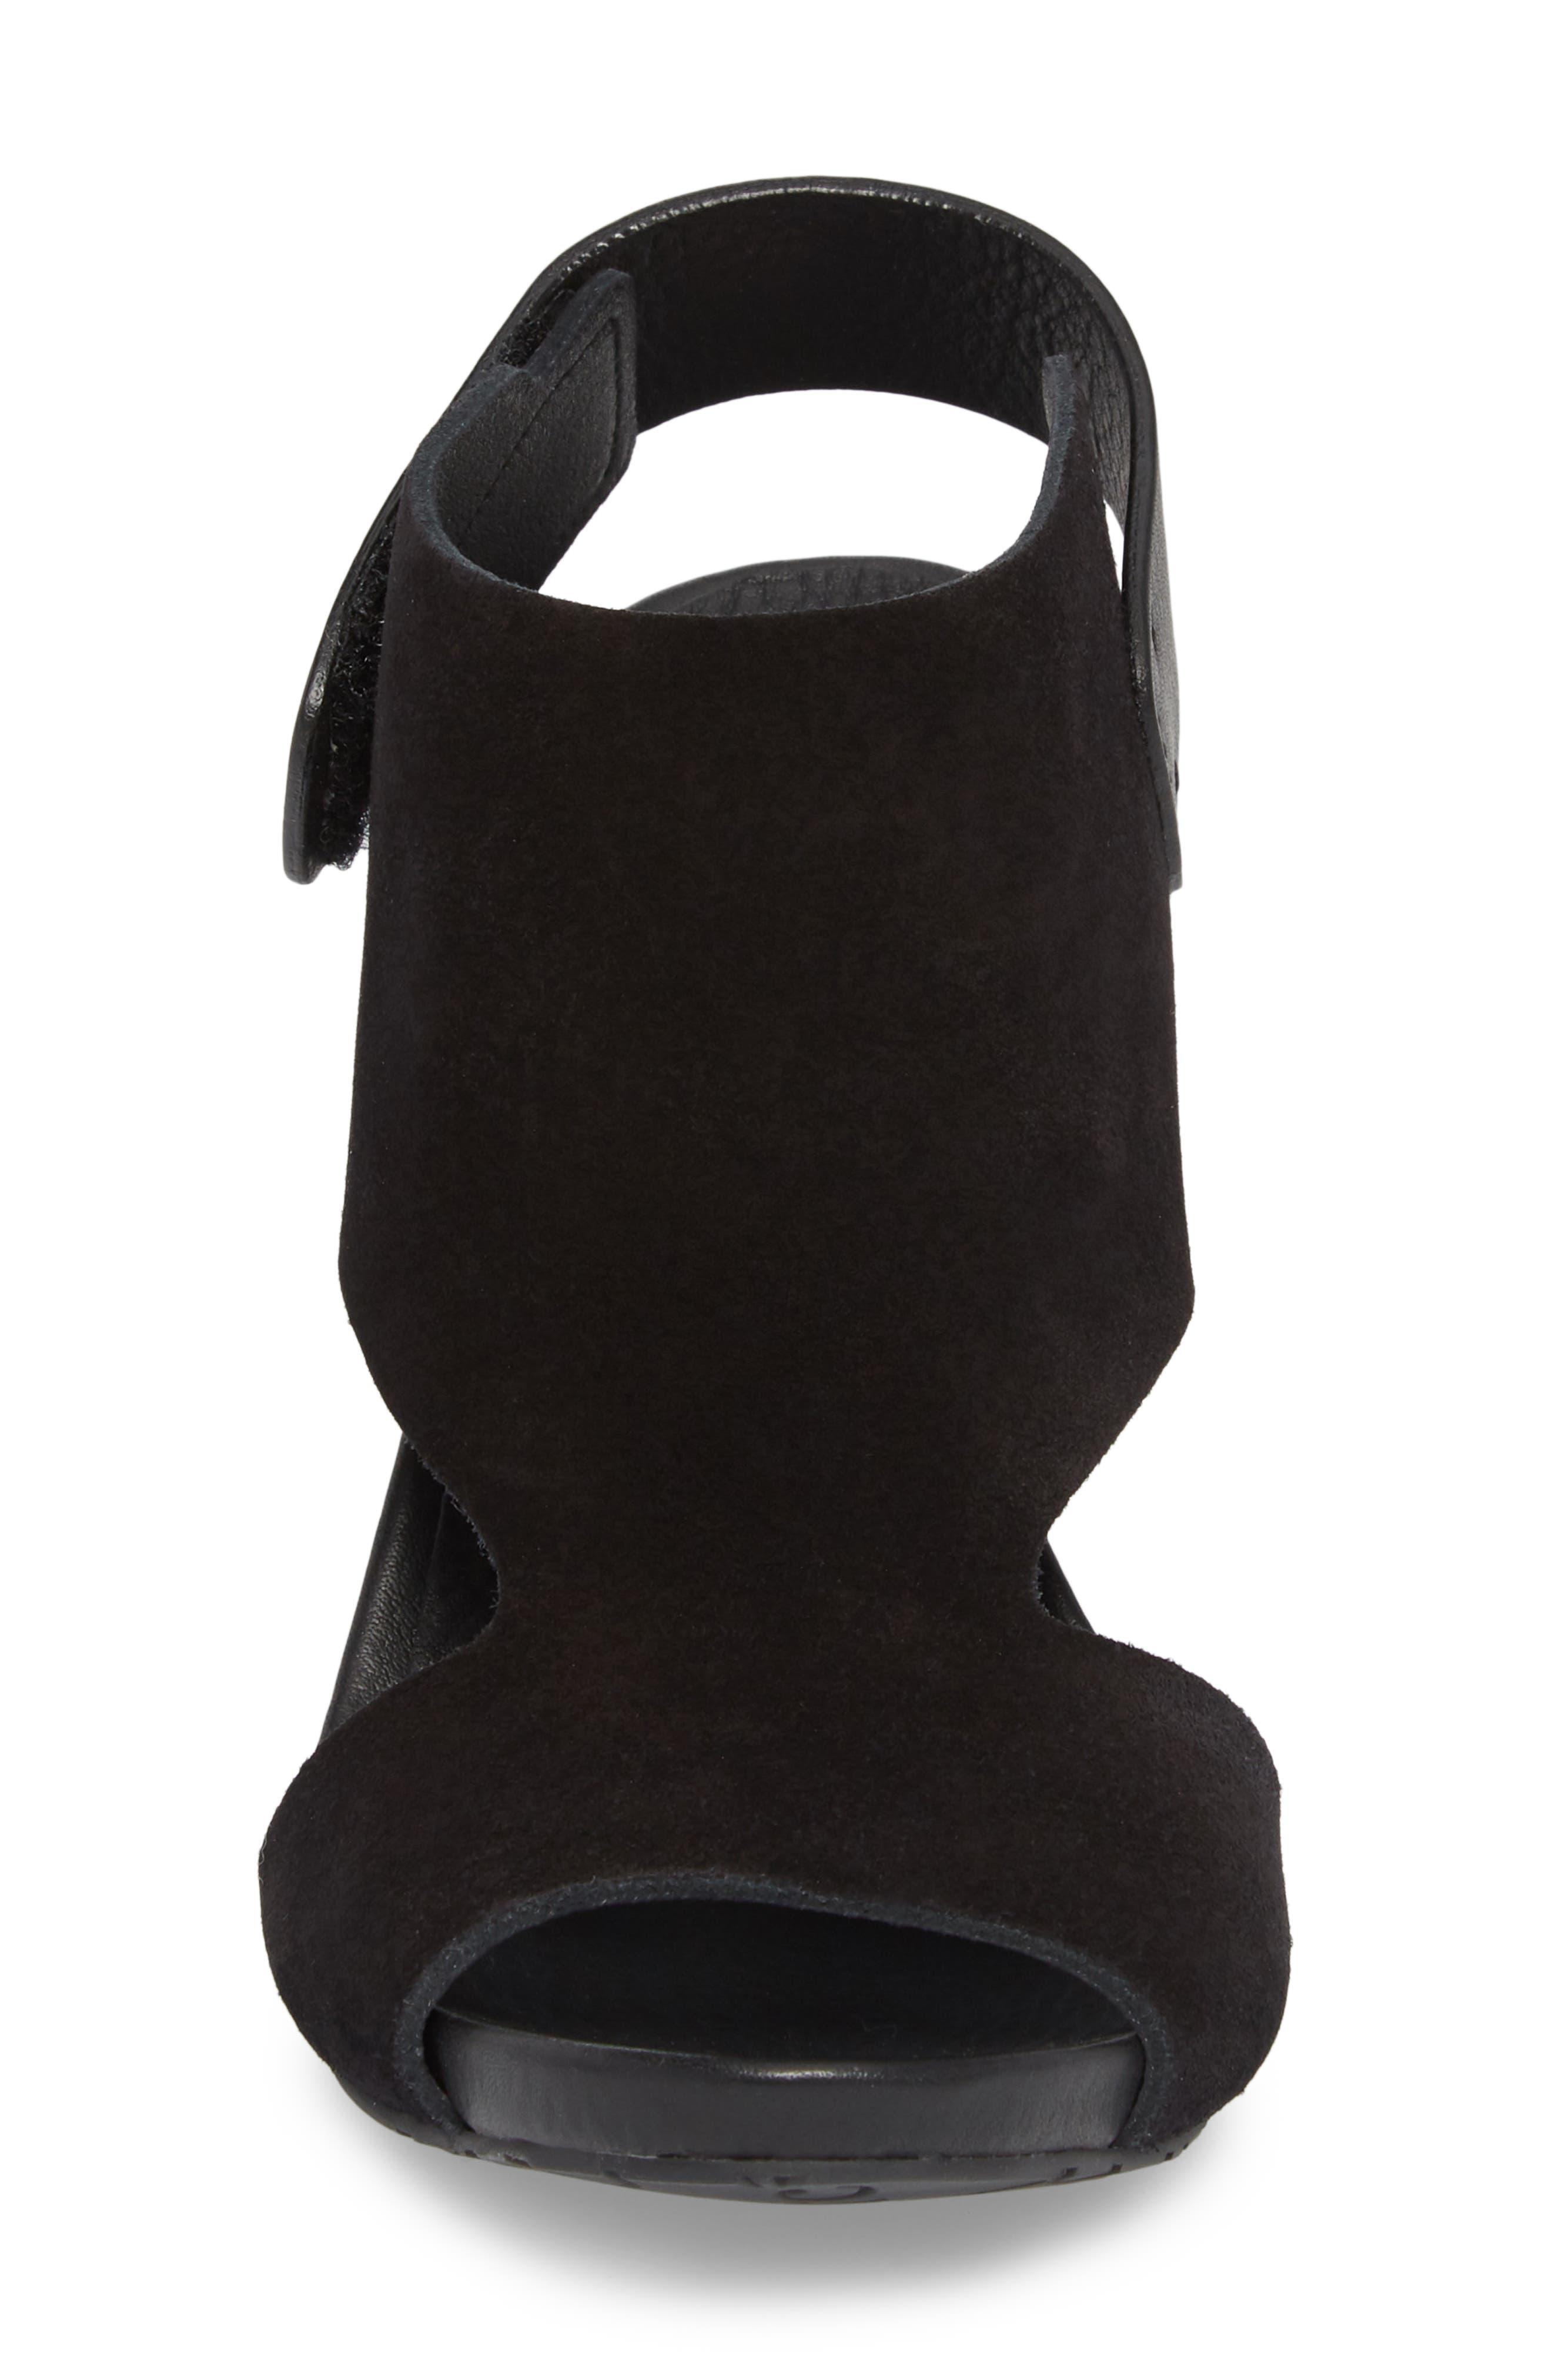 Yimina Cutout Sandal,                             Alternate thumbnail 4, color,                             BLACK